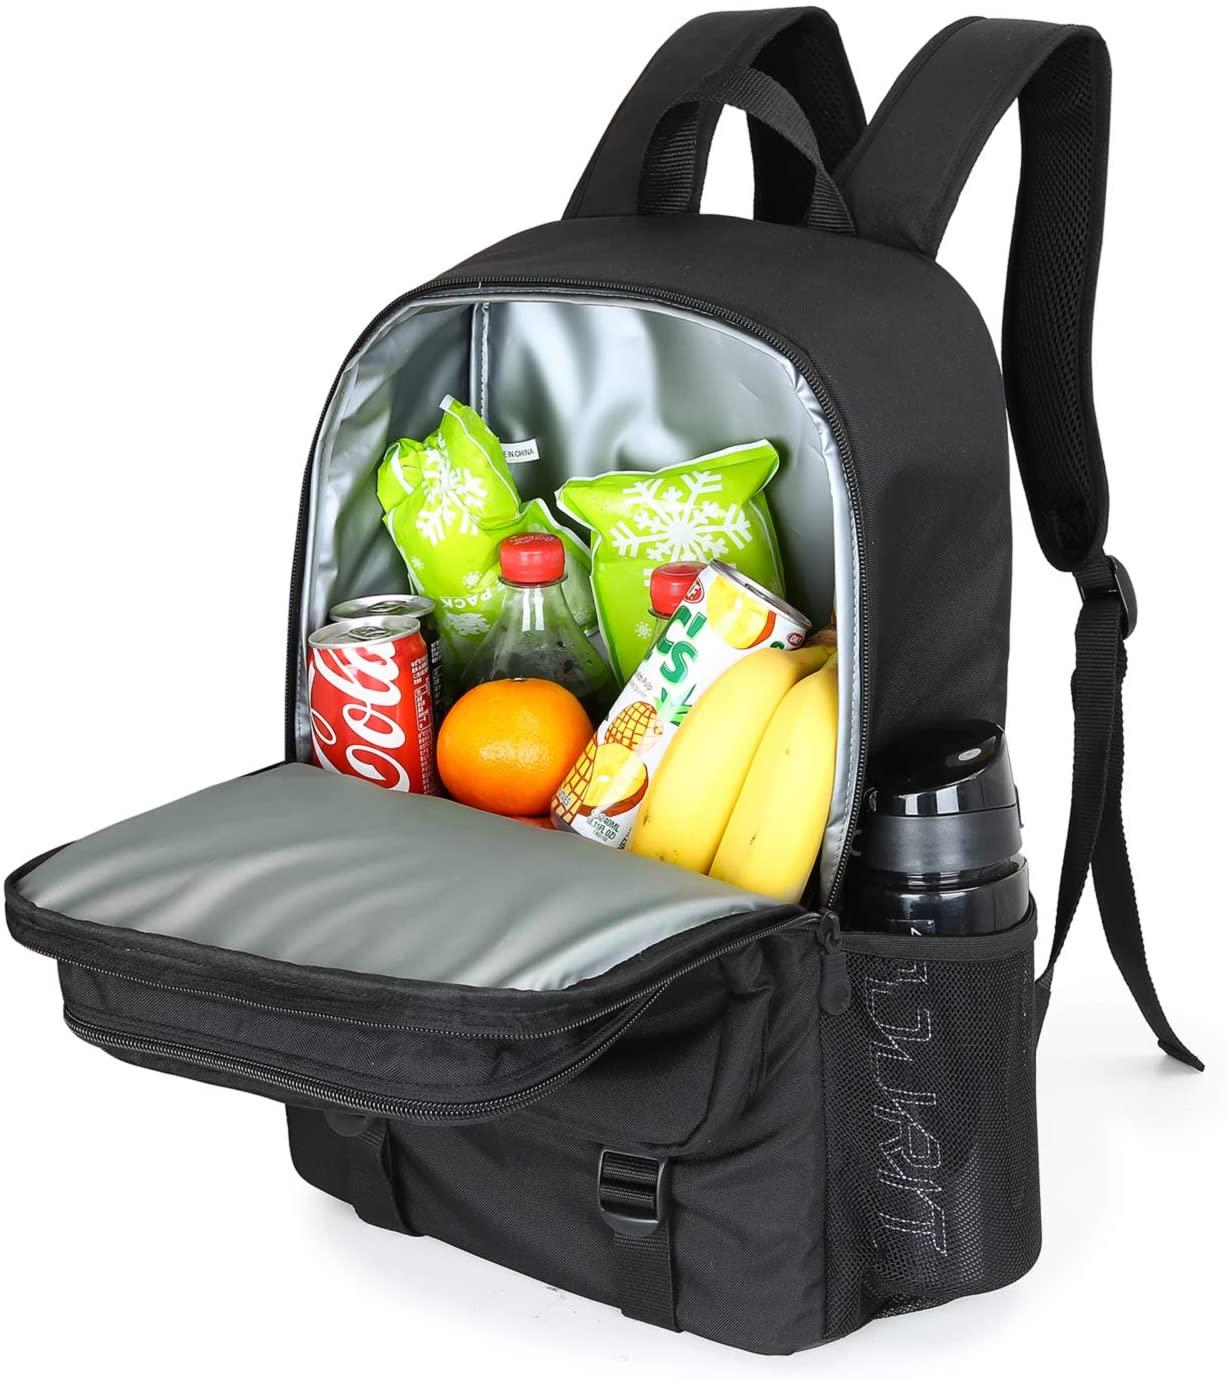 Sac à dos isotherme pour transporter votre déjeuner facilement